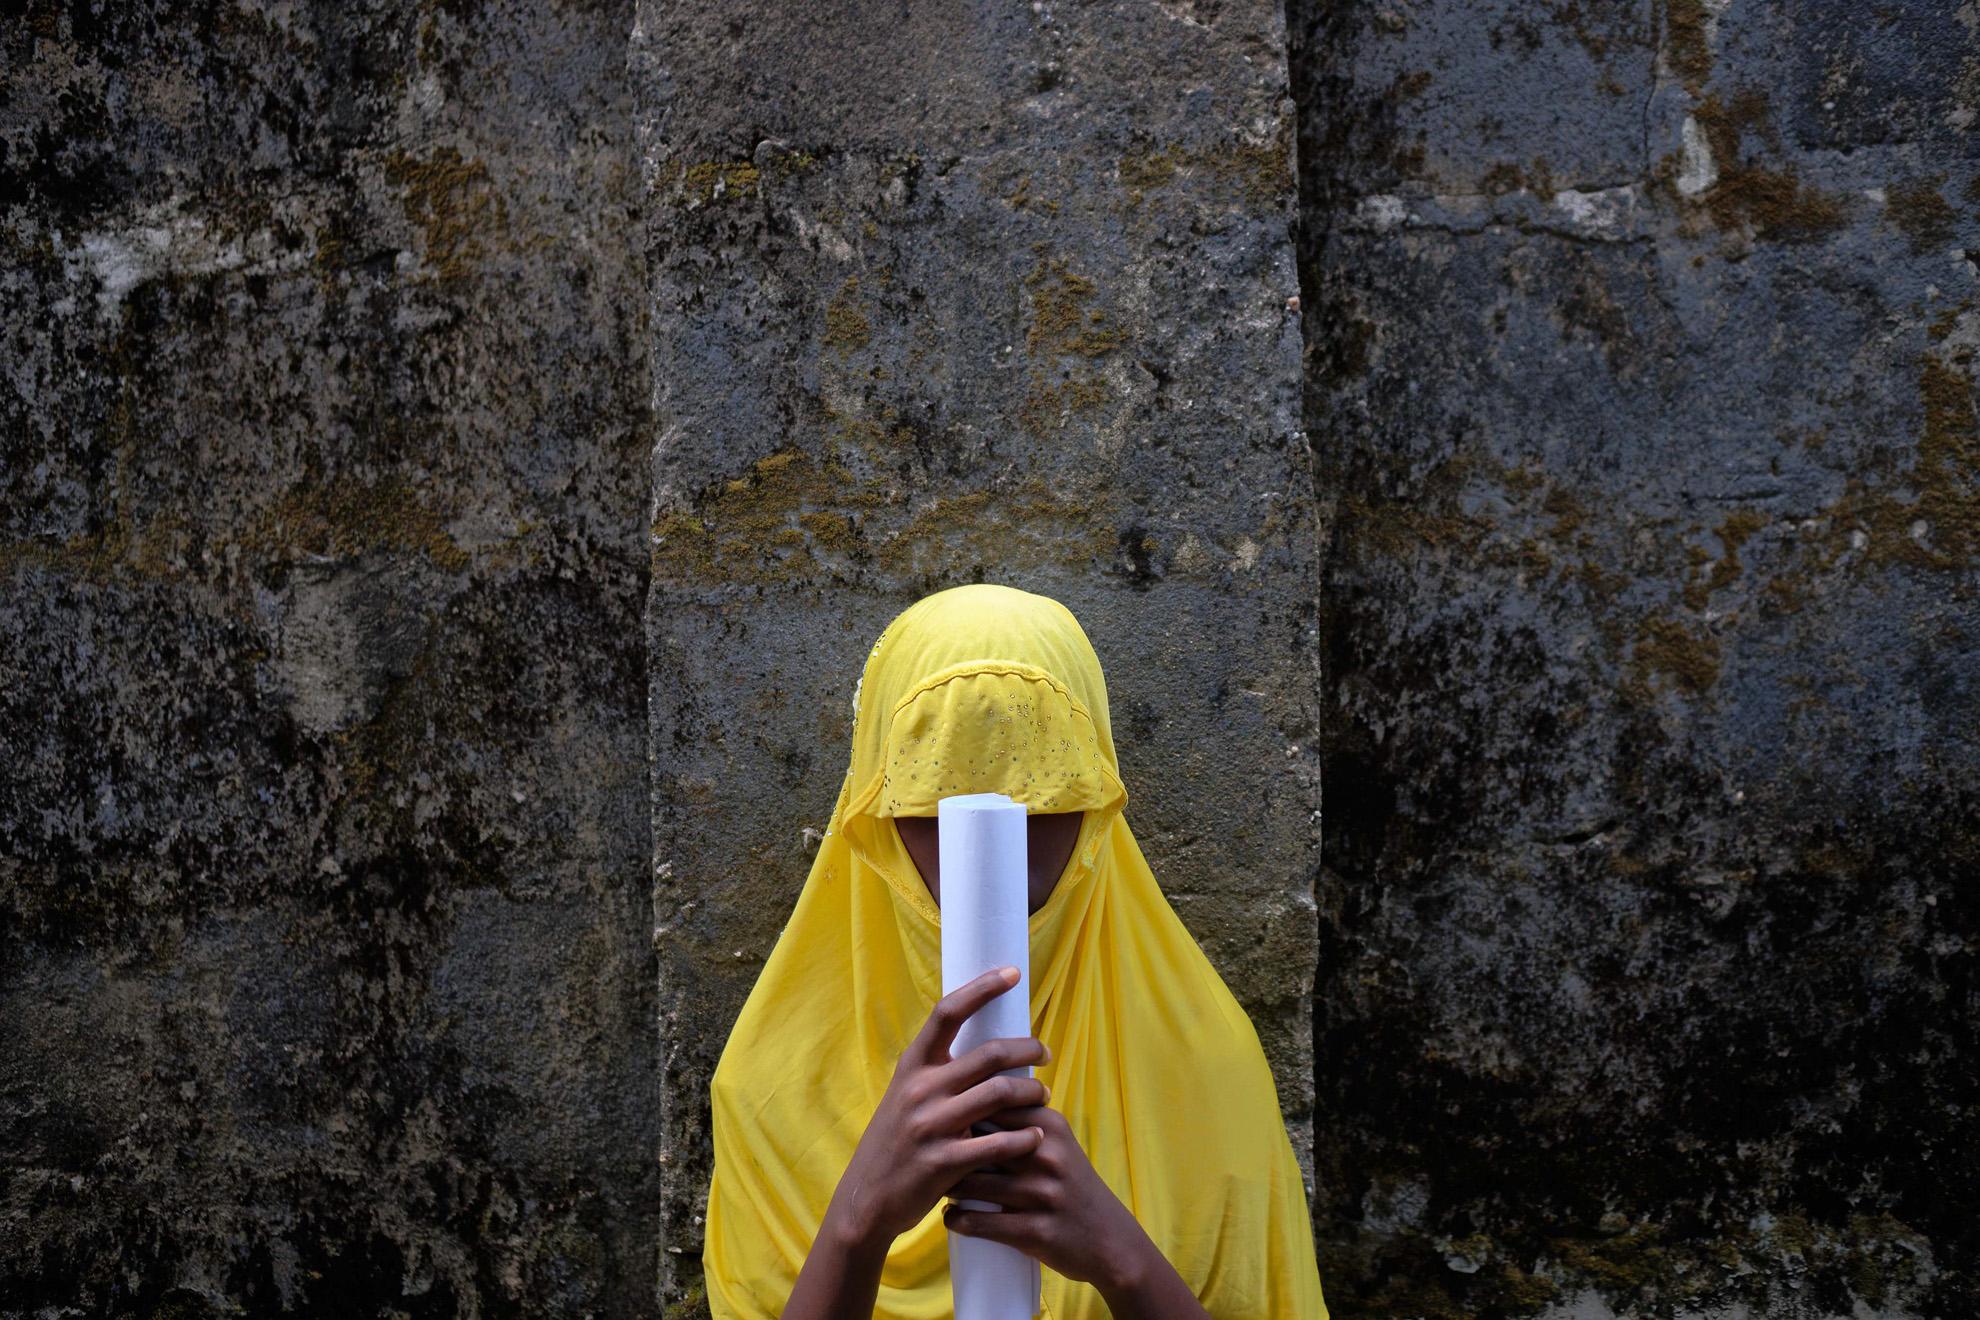 Zainab (nombre ficticio) tiene 17 años y fue secuestrada por Boko Haram después de arrasar su escuela en Izghe, el noreste de Nigeria. Se radicalizó y fue disparada por personal de seguridad cuando intentó detonar una bomba atada a su pecho en una mezquita. Hoy camina 5 kilómetros hasta otra escuela de la comunidad para estudiar. Planea convertirse en consejera escolar.